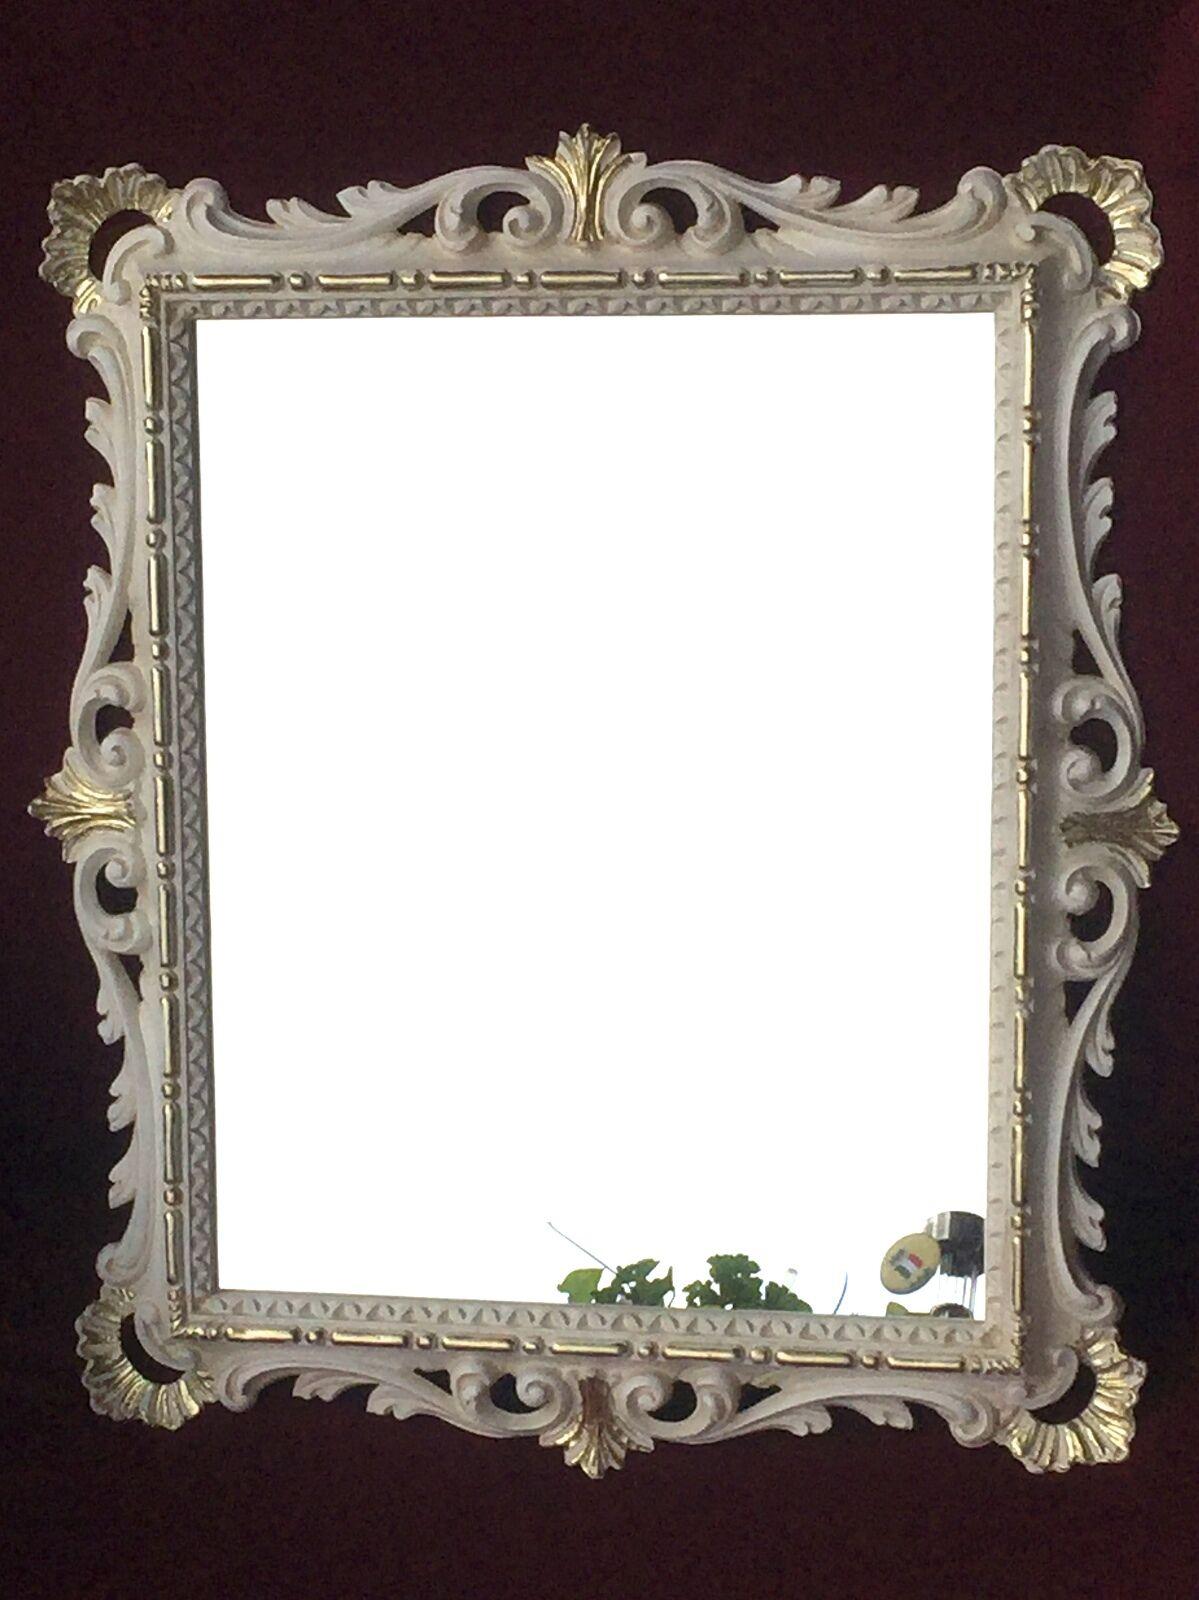 Wandspiegel Gold Ornamente Barockspiegel 43x37 Badspiegel Flurspiegel C532